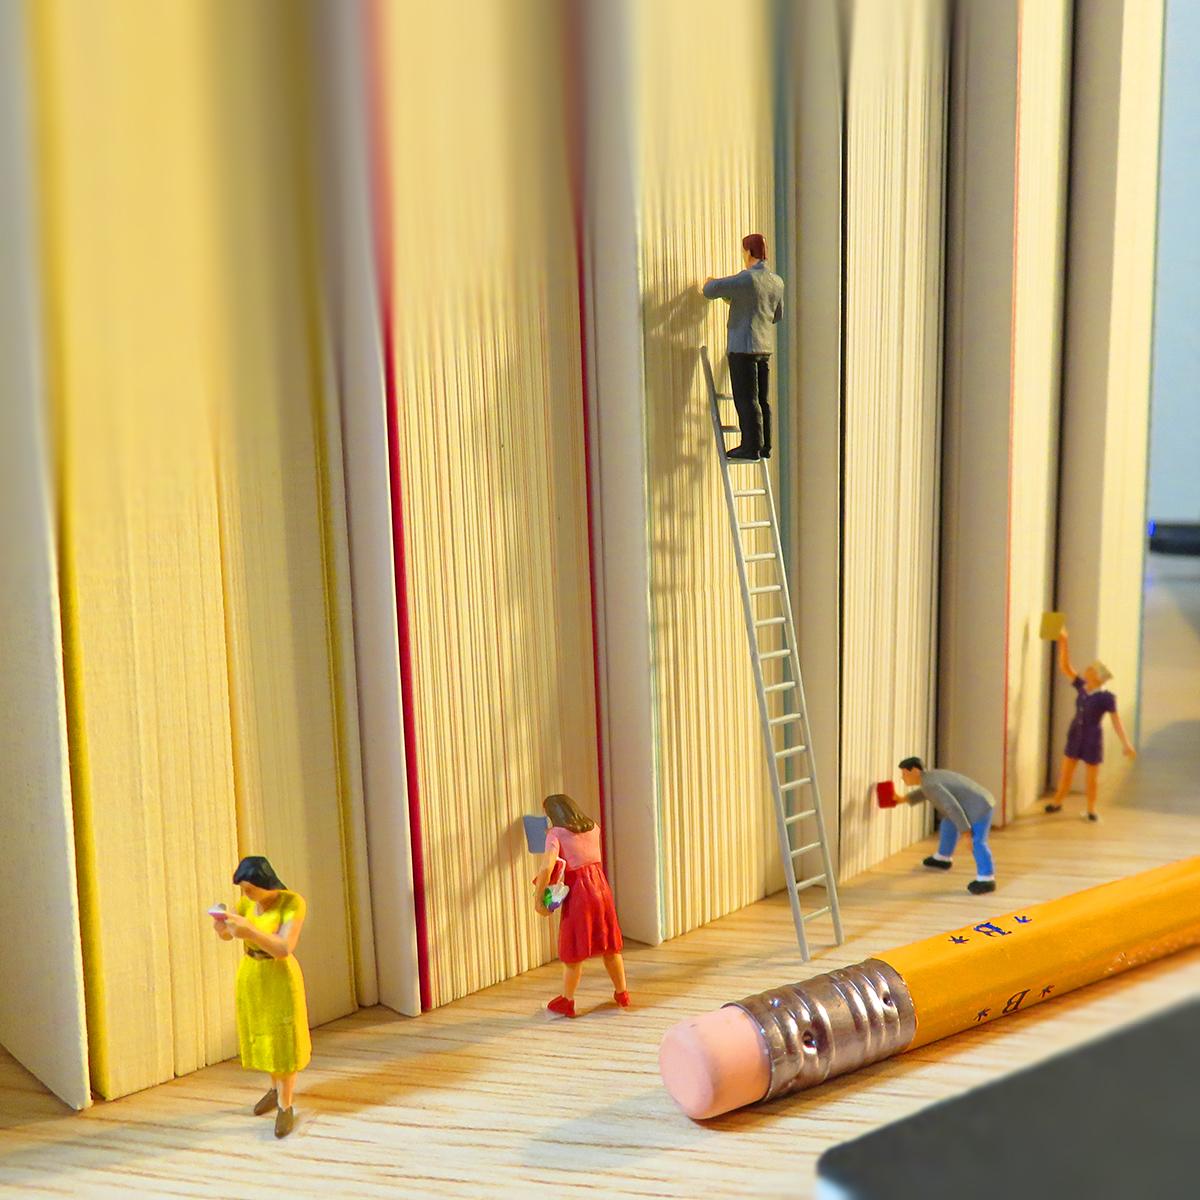 読書の秋!巨大本棚の図書館で本を探す読書家たち